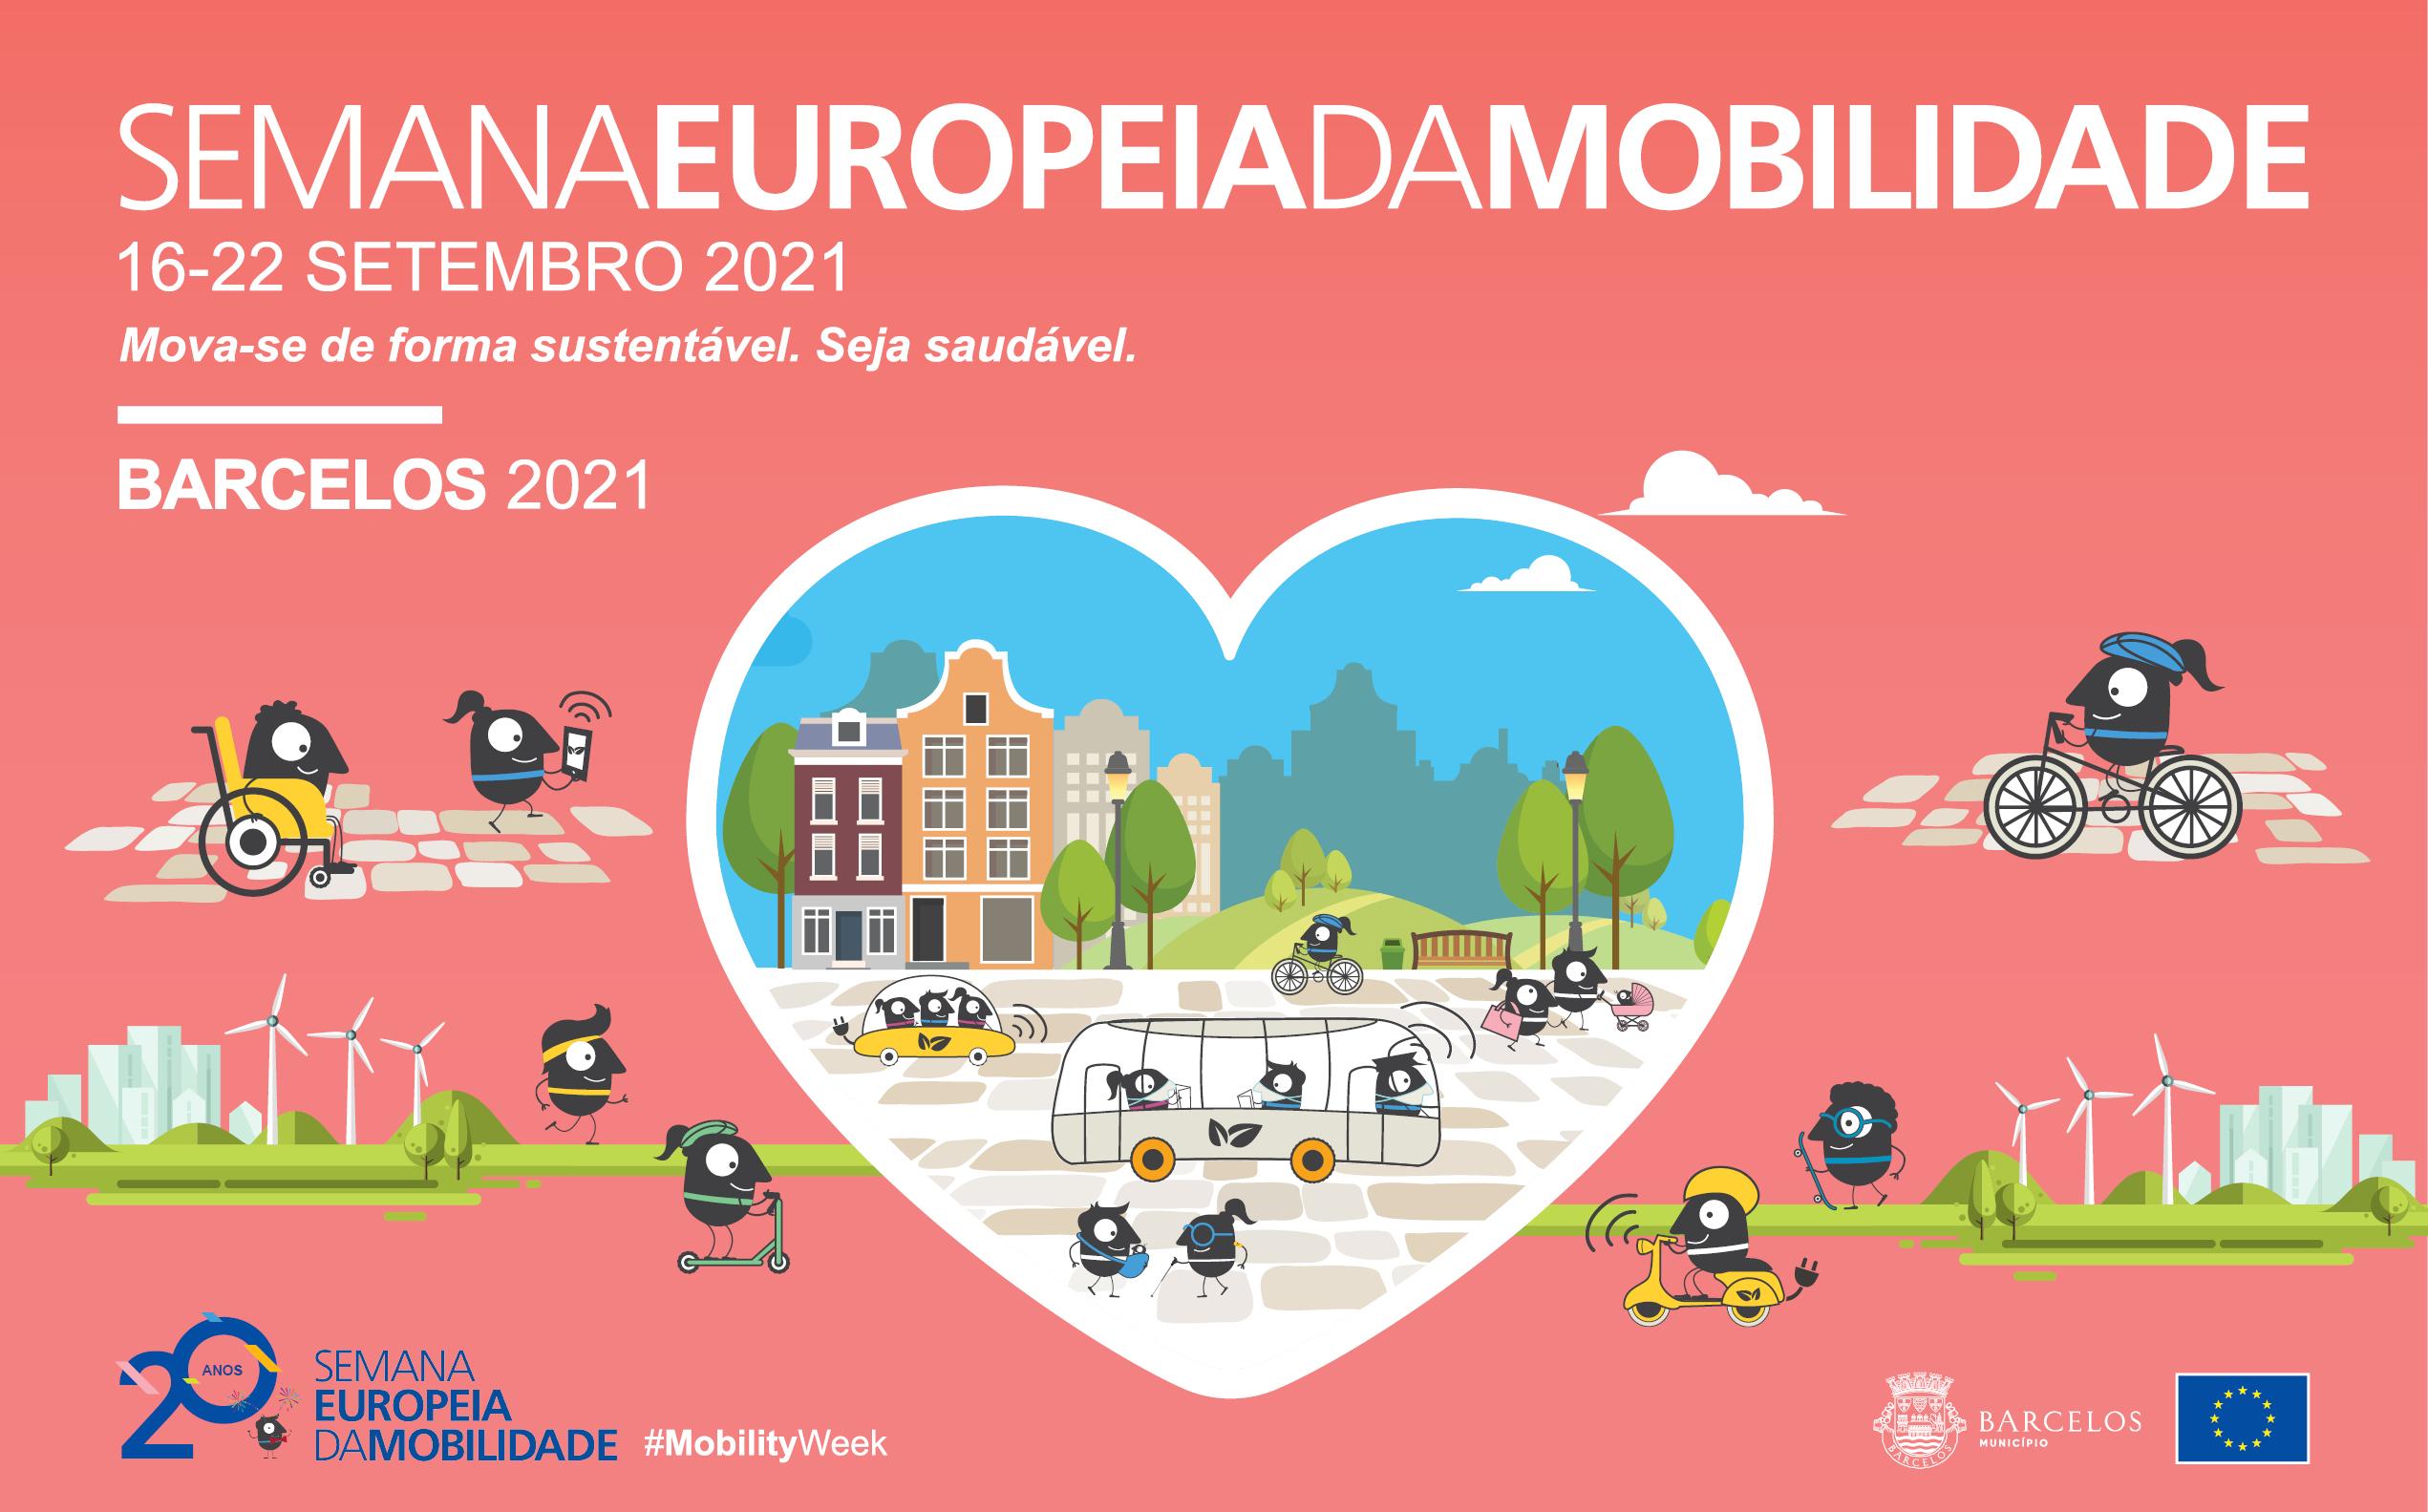 Município de Barcelos adere à Semana Europeia da Mobilidade